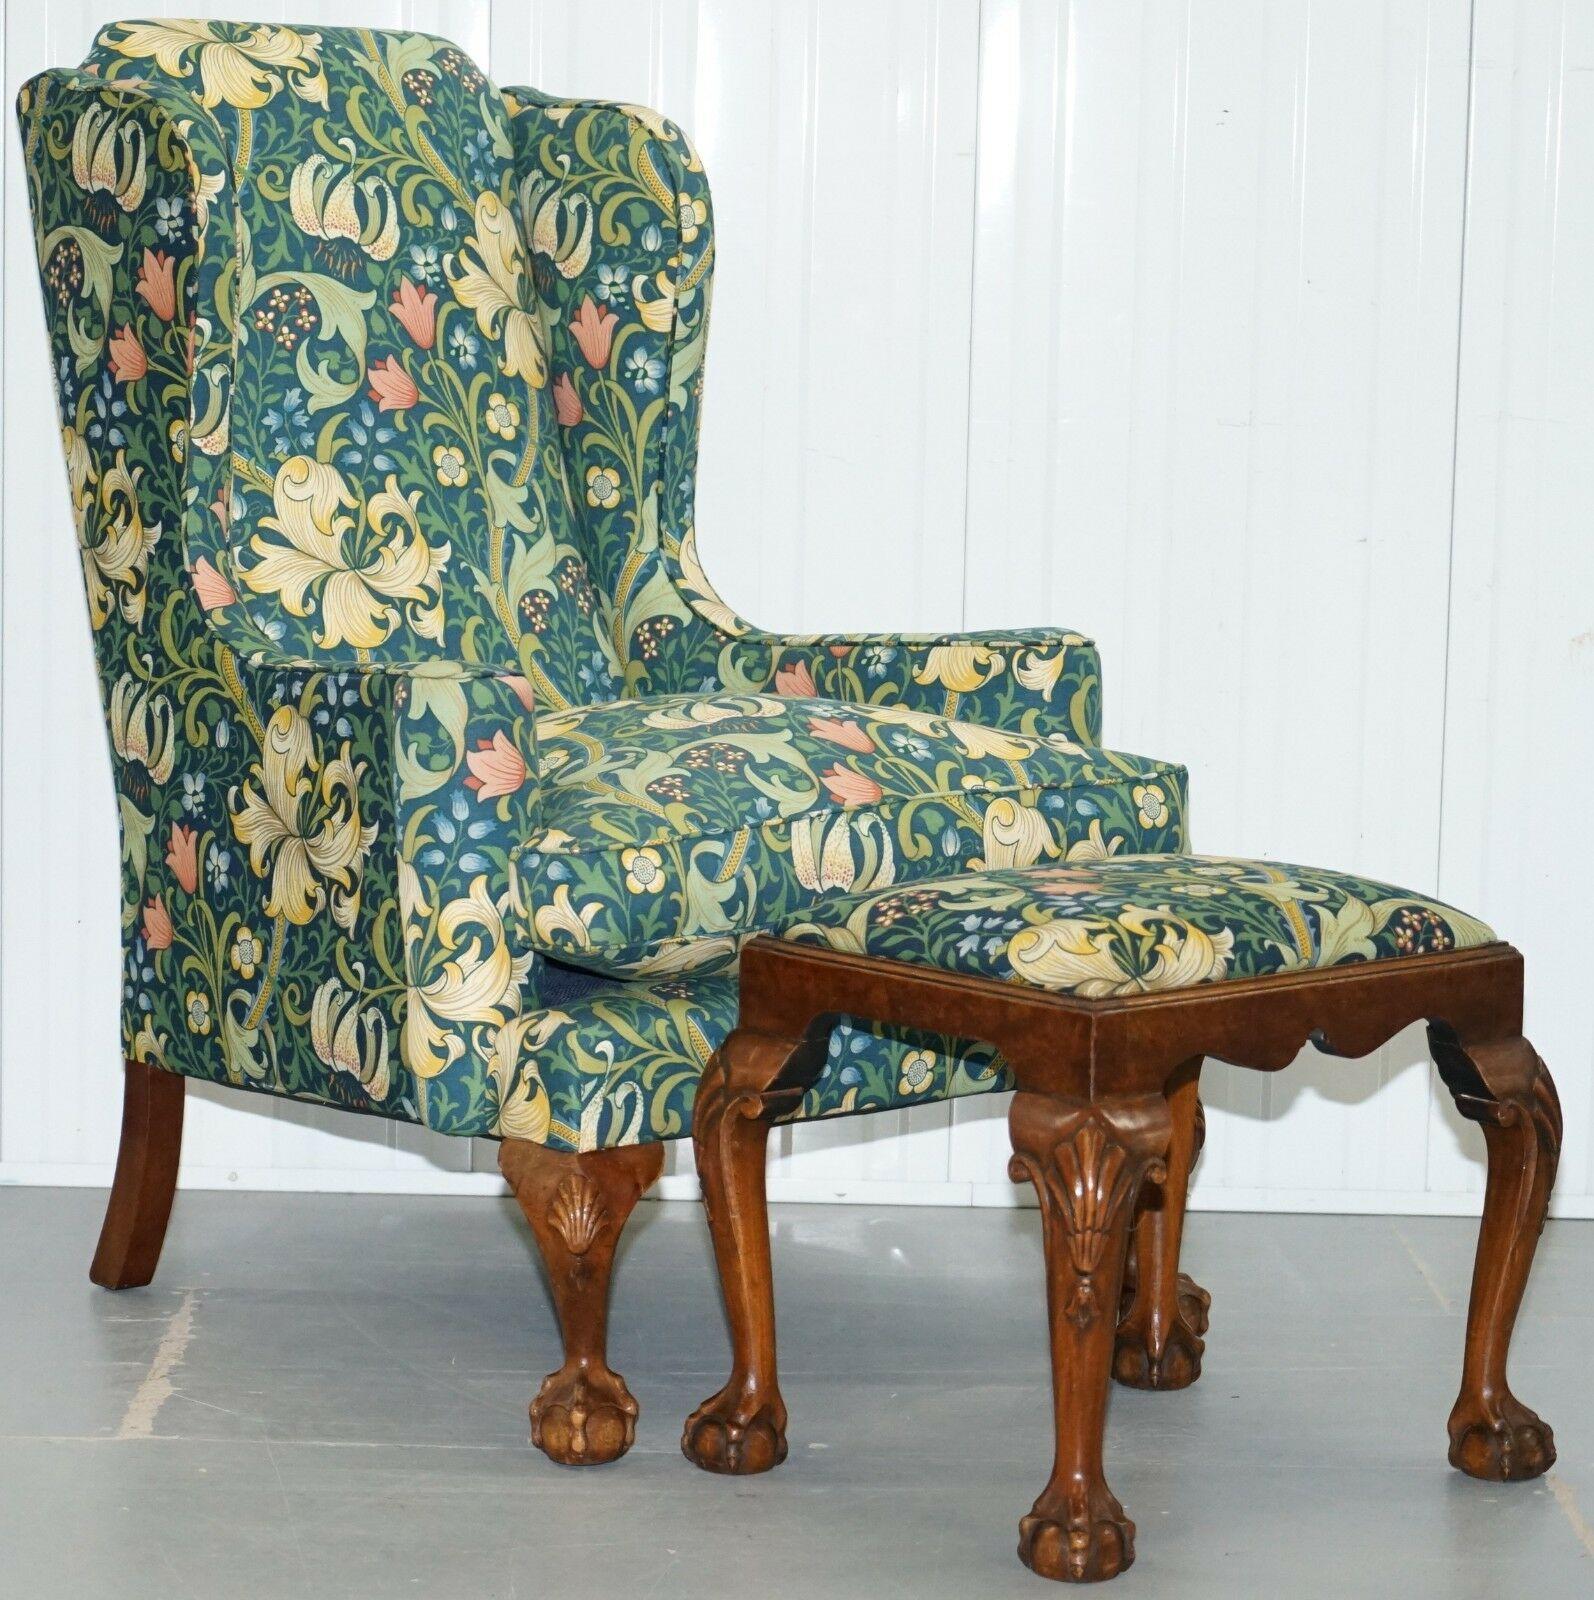 William Morris Furniture Designs - 14x14 Wallpaper - teahub.io